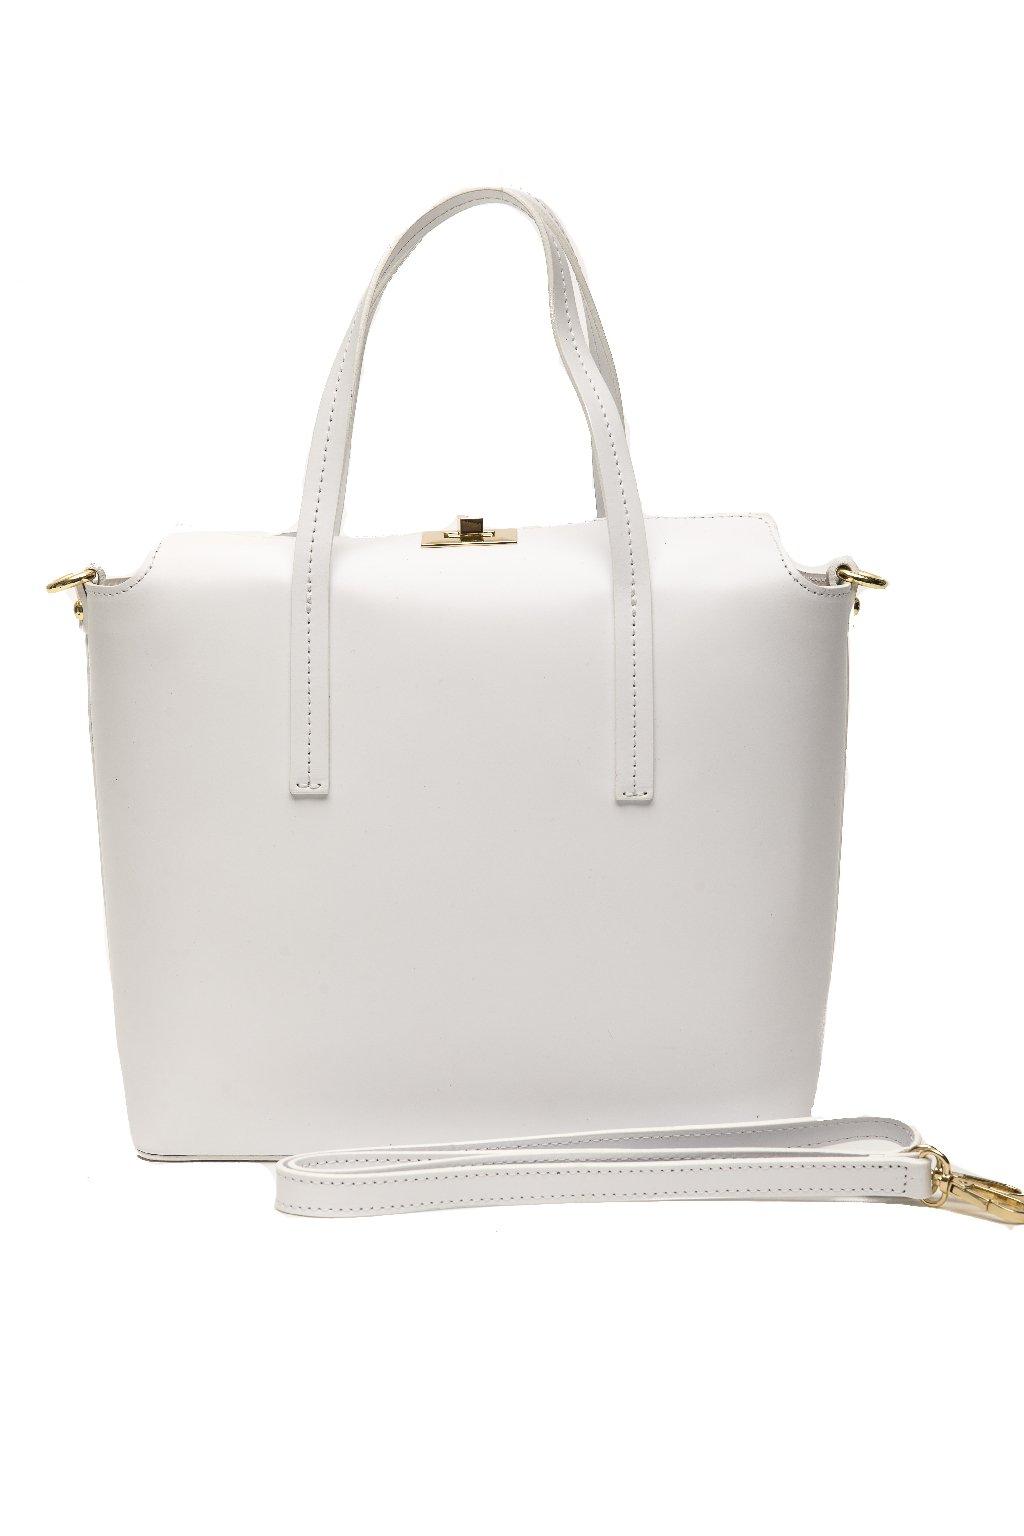 Znackova kabelka Trussardi v bilo zlate barve (1)